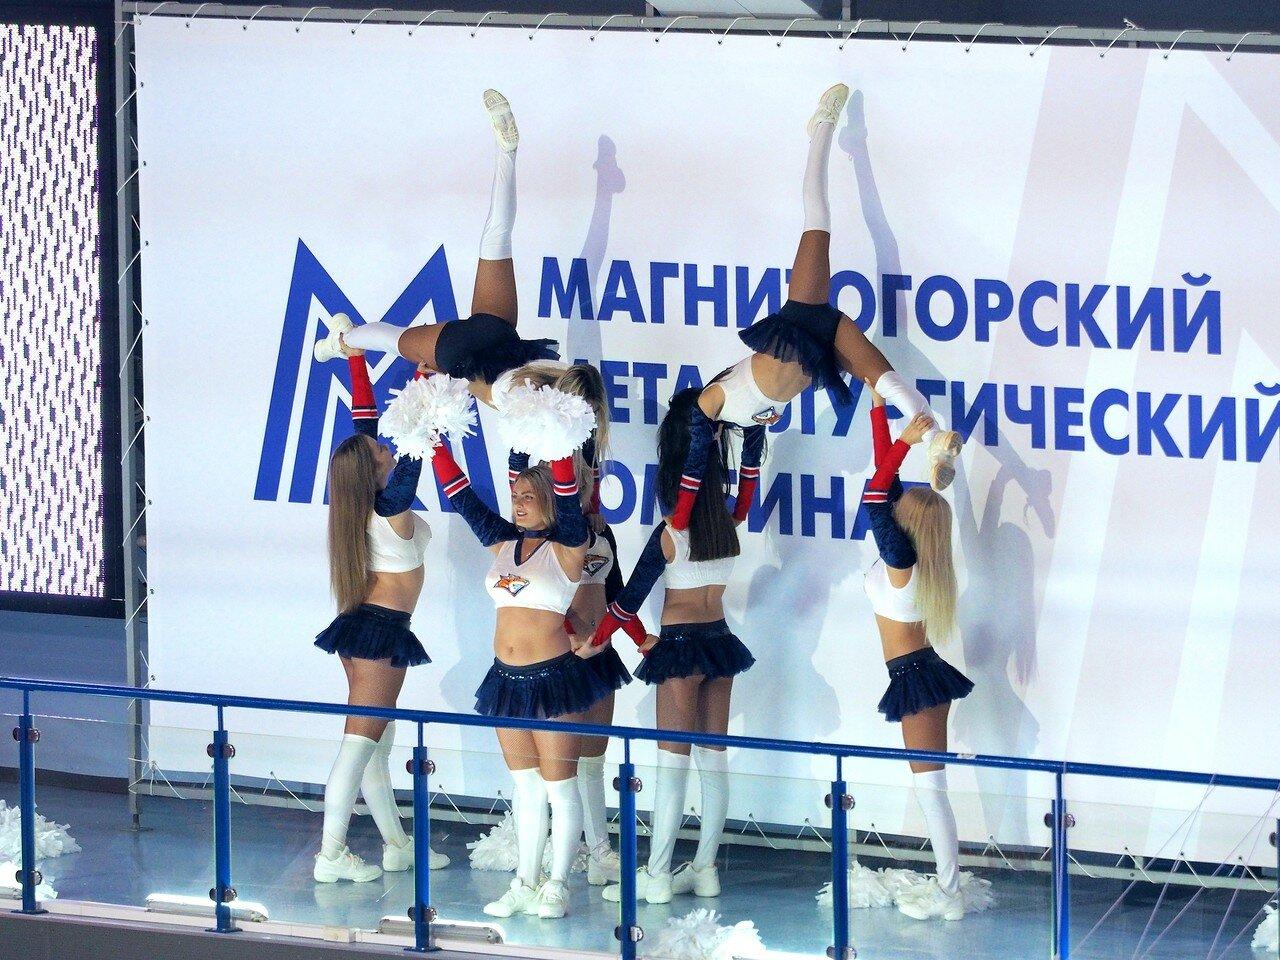 34 Металлург - Сочи 24.09.2017